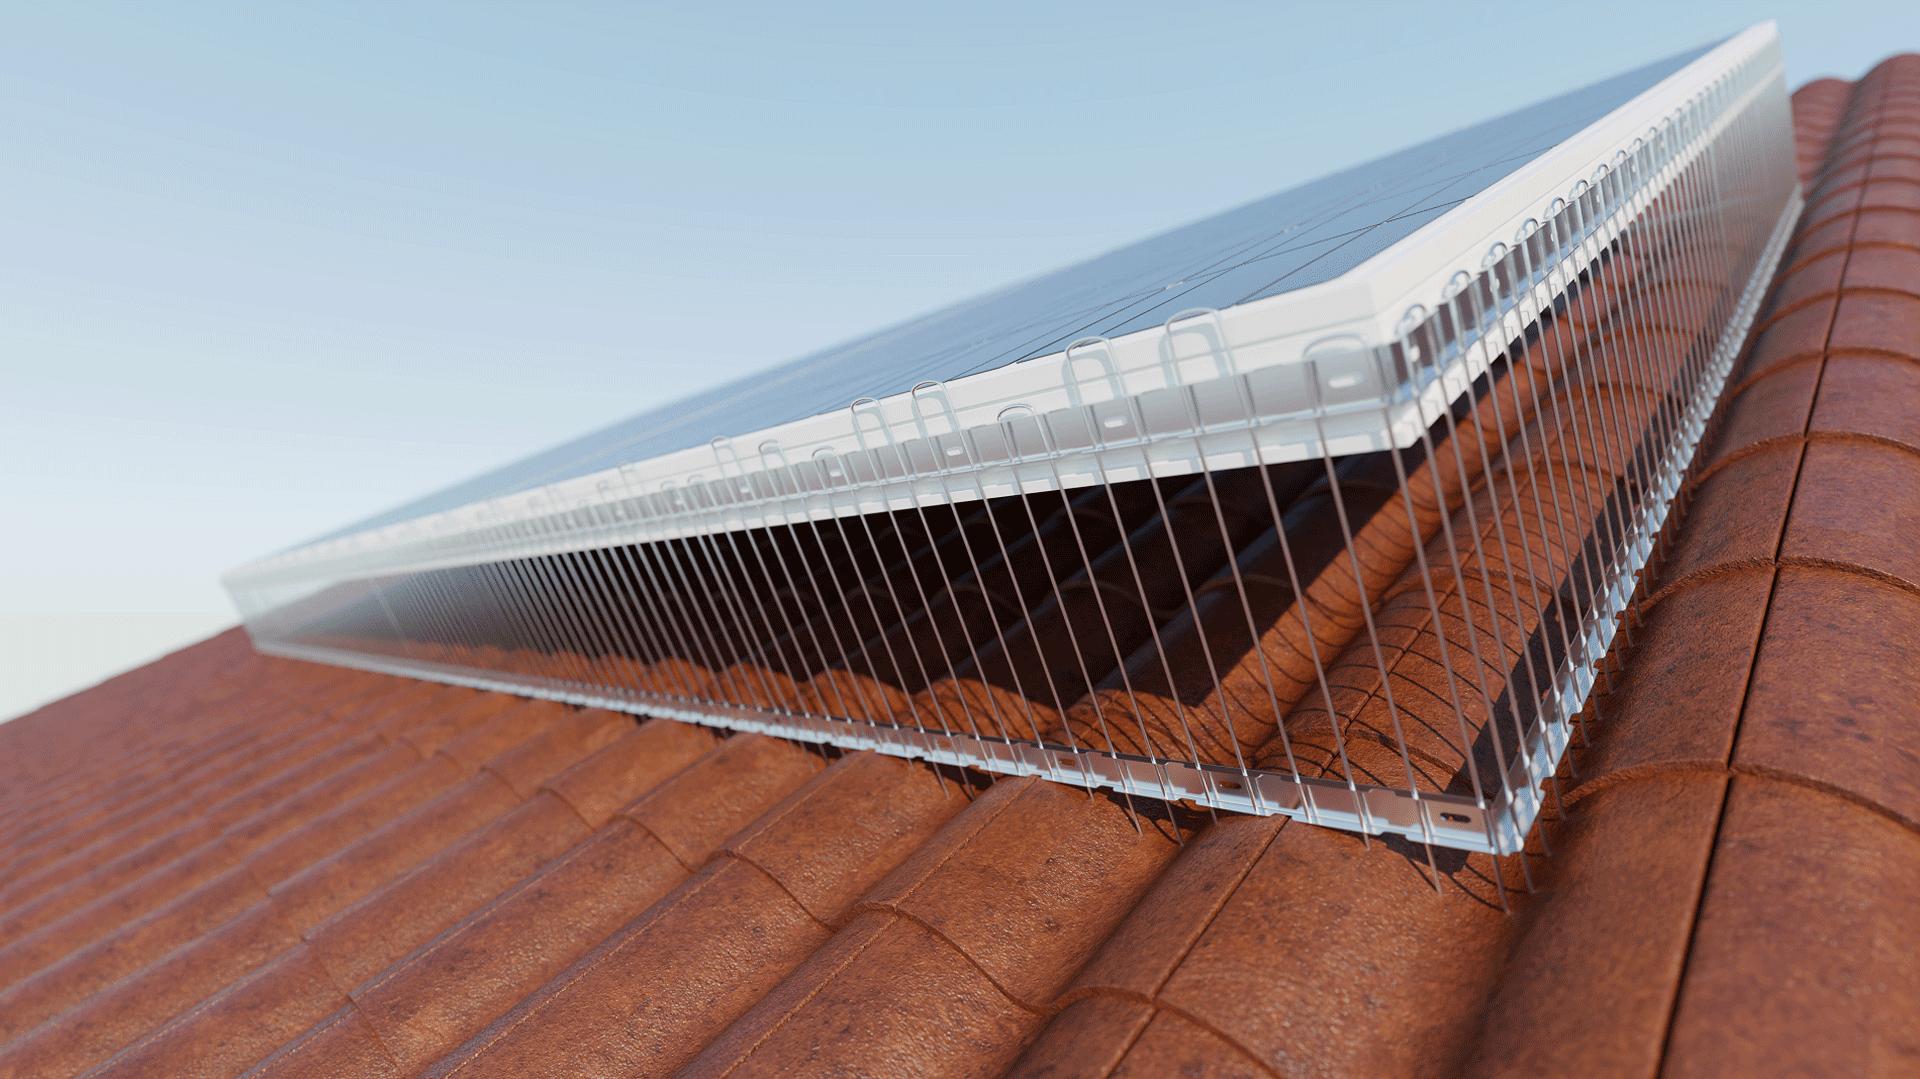 TAS 1er Solarspitzen mit zwei Leisten 1 m lang,  verstellbare Spikes aus Edelstahl